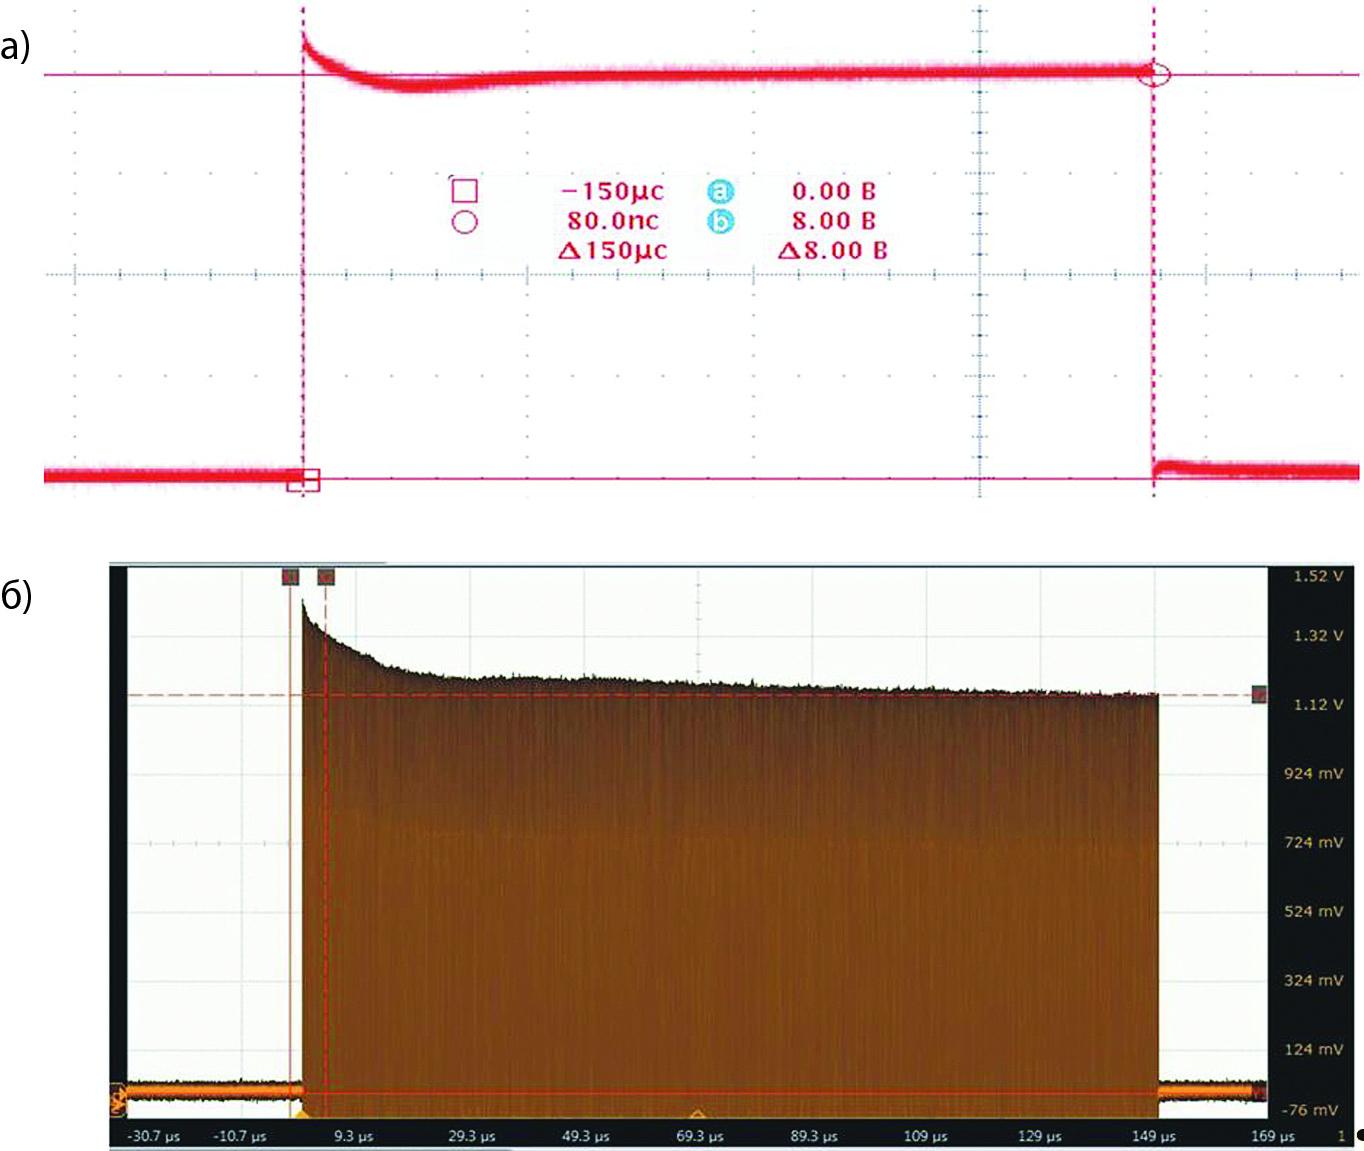 Форма импульса источника питания (длительность импульса 150 мкс)